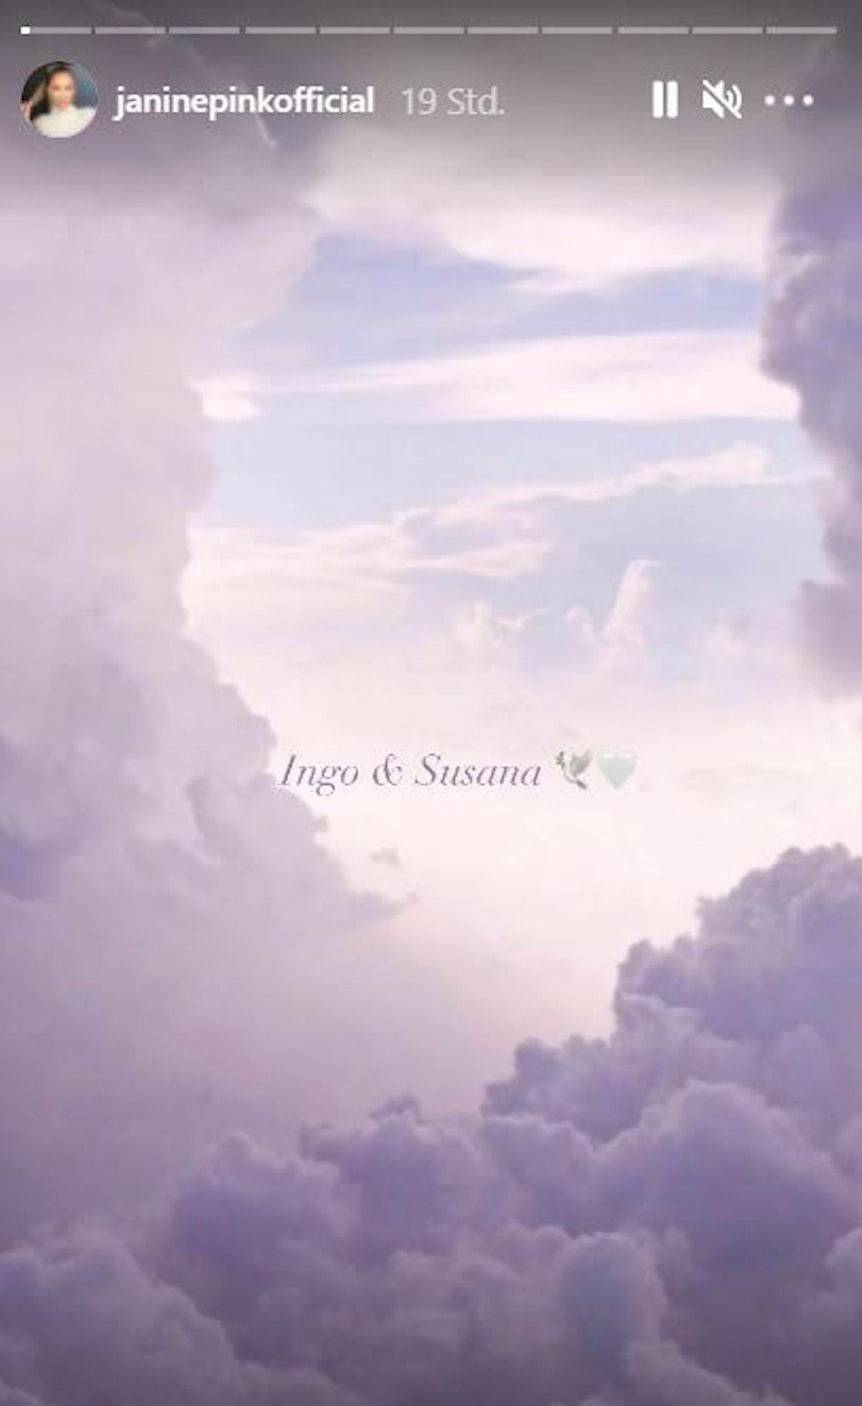 Pada gambar gambar adalah nama Ingo & Suzana.  Janine Pink memposting foto itu di Insta Story-nya dari 16 Agustus 2021 untuk mengenang Ingo dan Suzana Kantorek.